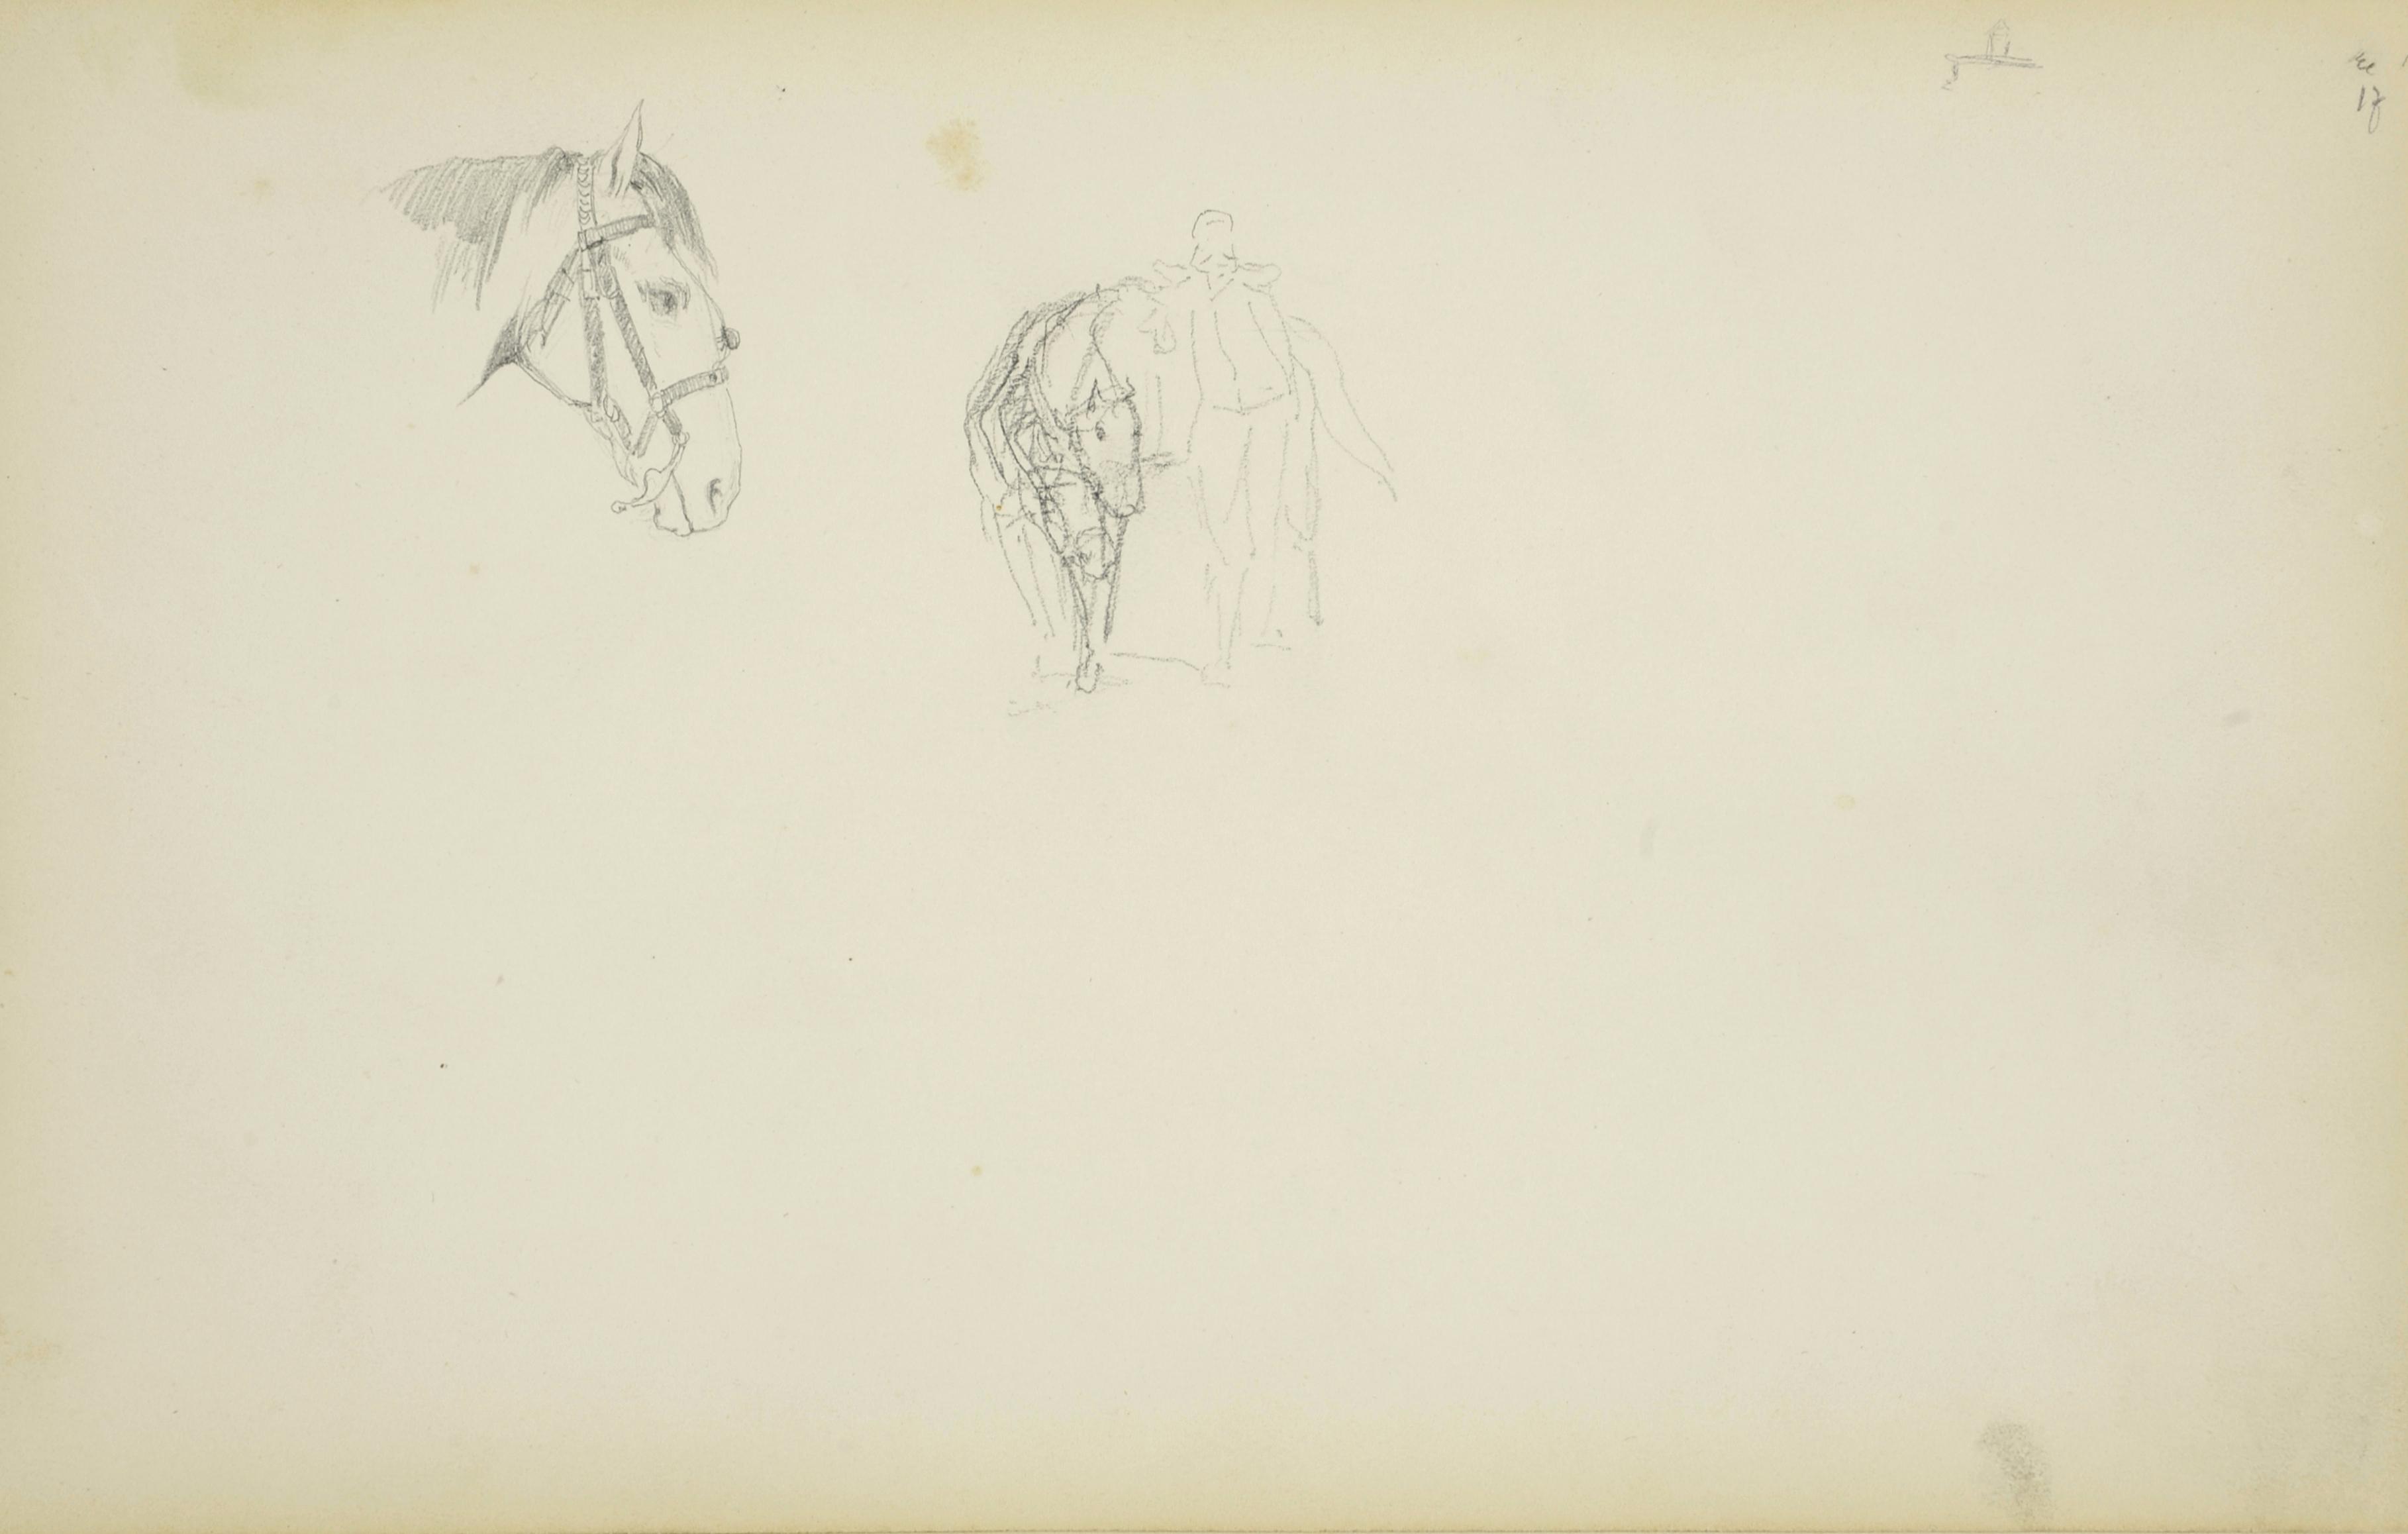 Głowa konia i szkic jeźdźca z koniem